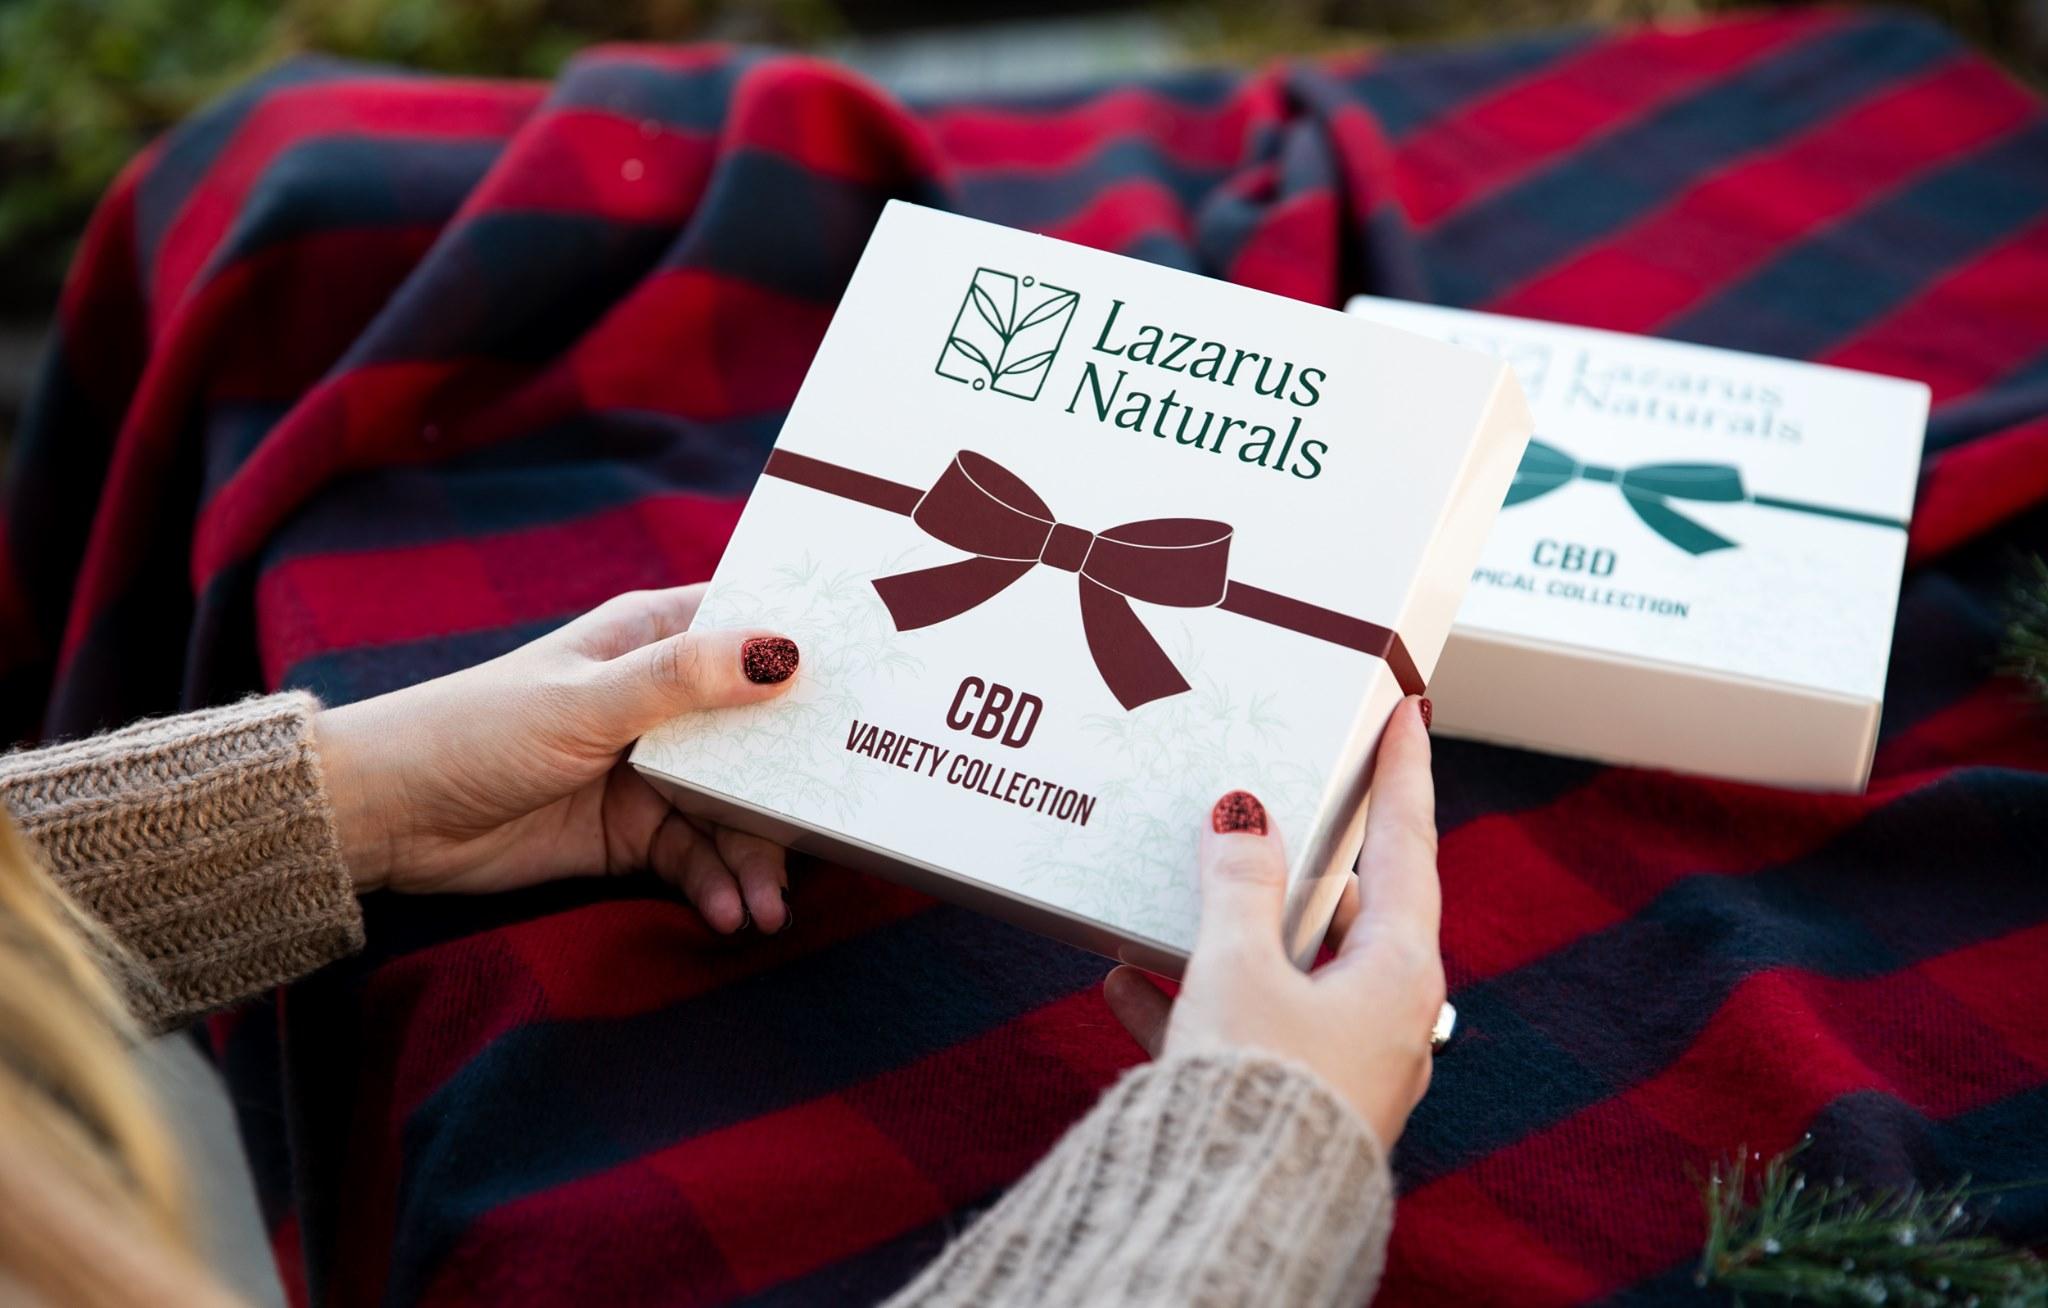 lazarus naturals cbd gift boxes